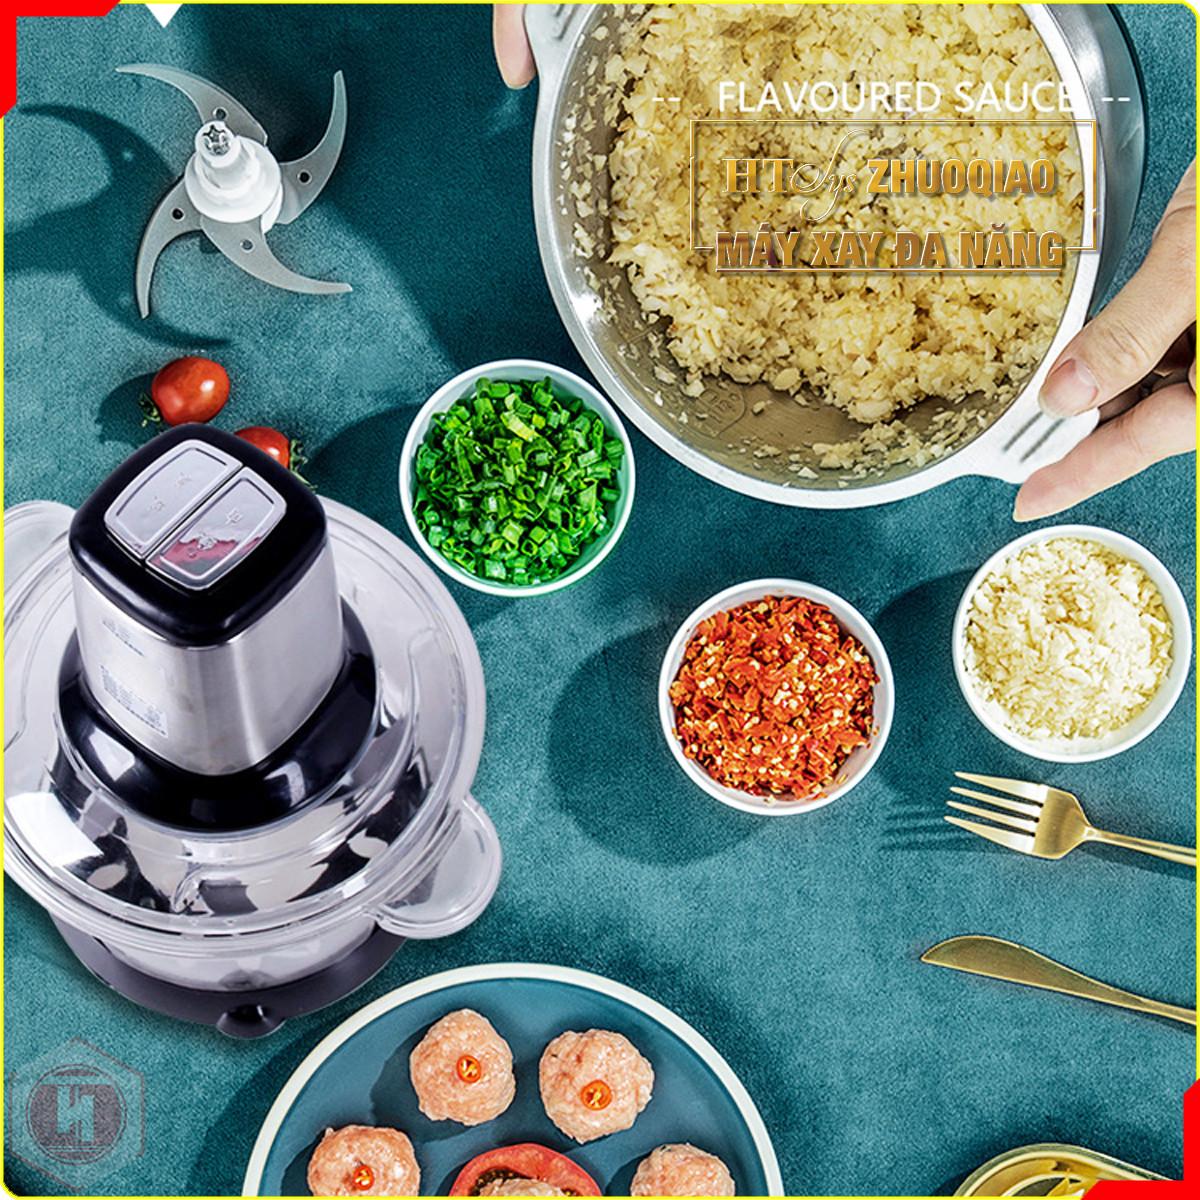 Máy xay thịt gia đình đa năng - HT SYS - ZHU0QIAO - 300W - 2L -4 lưỡi - Máy xay thịt , xay tỏi ớt , xay rau củ quả - Hàng Nhập Khẩu